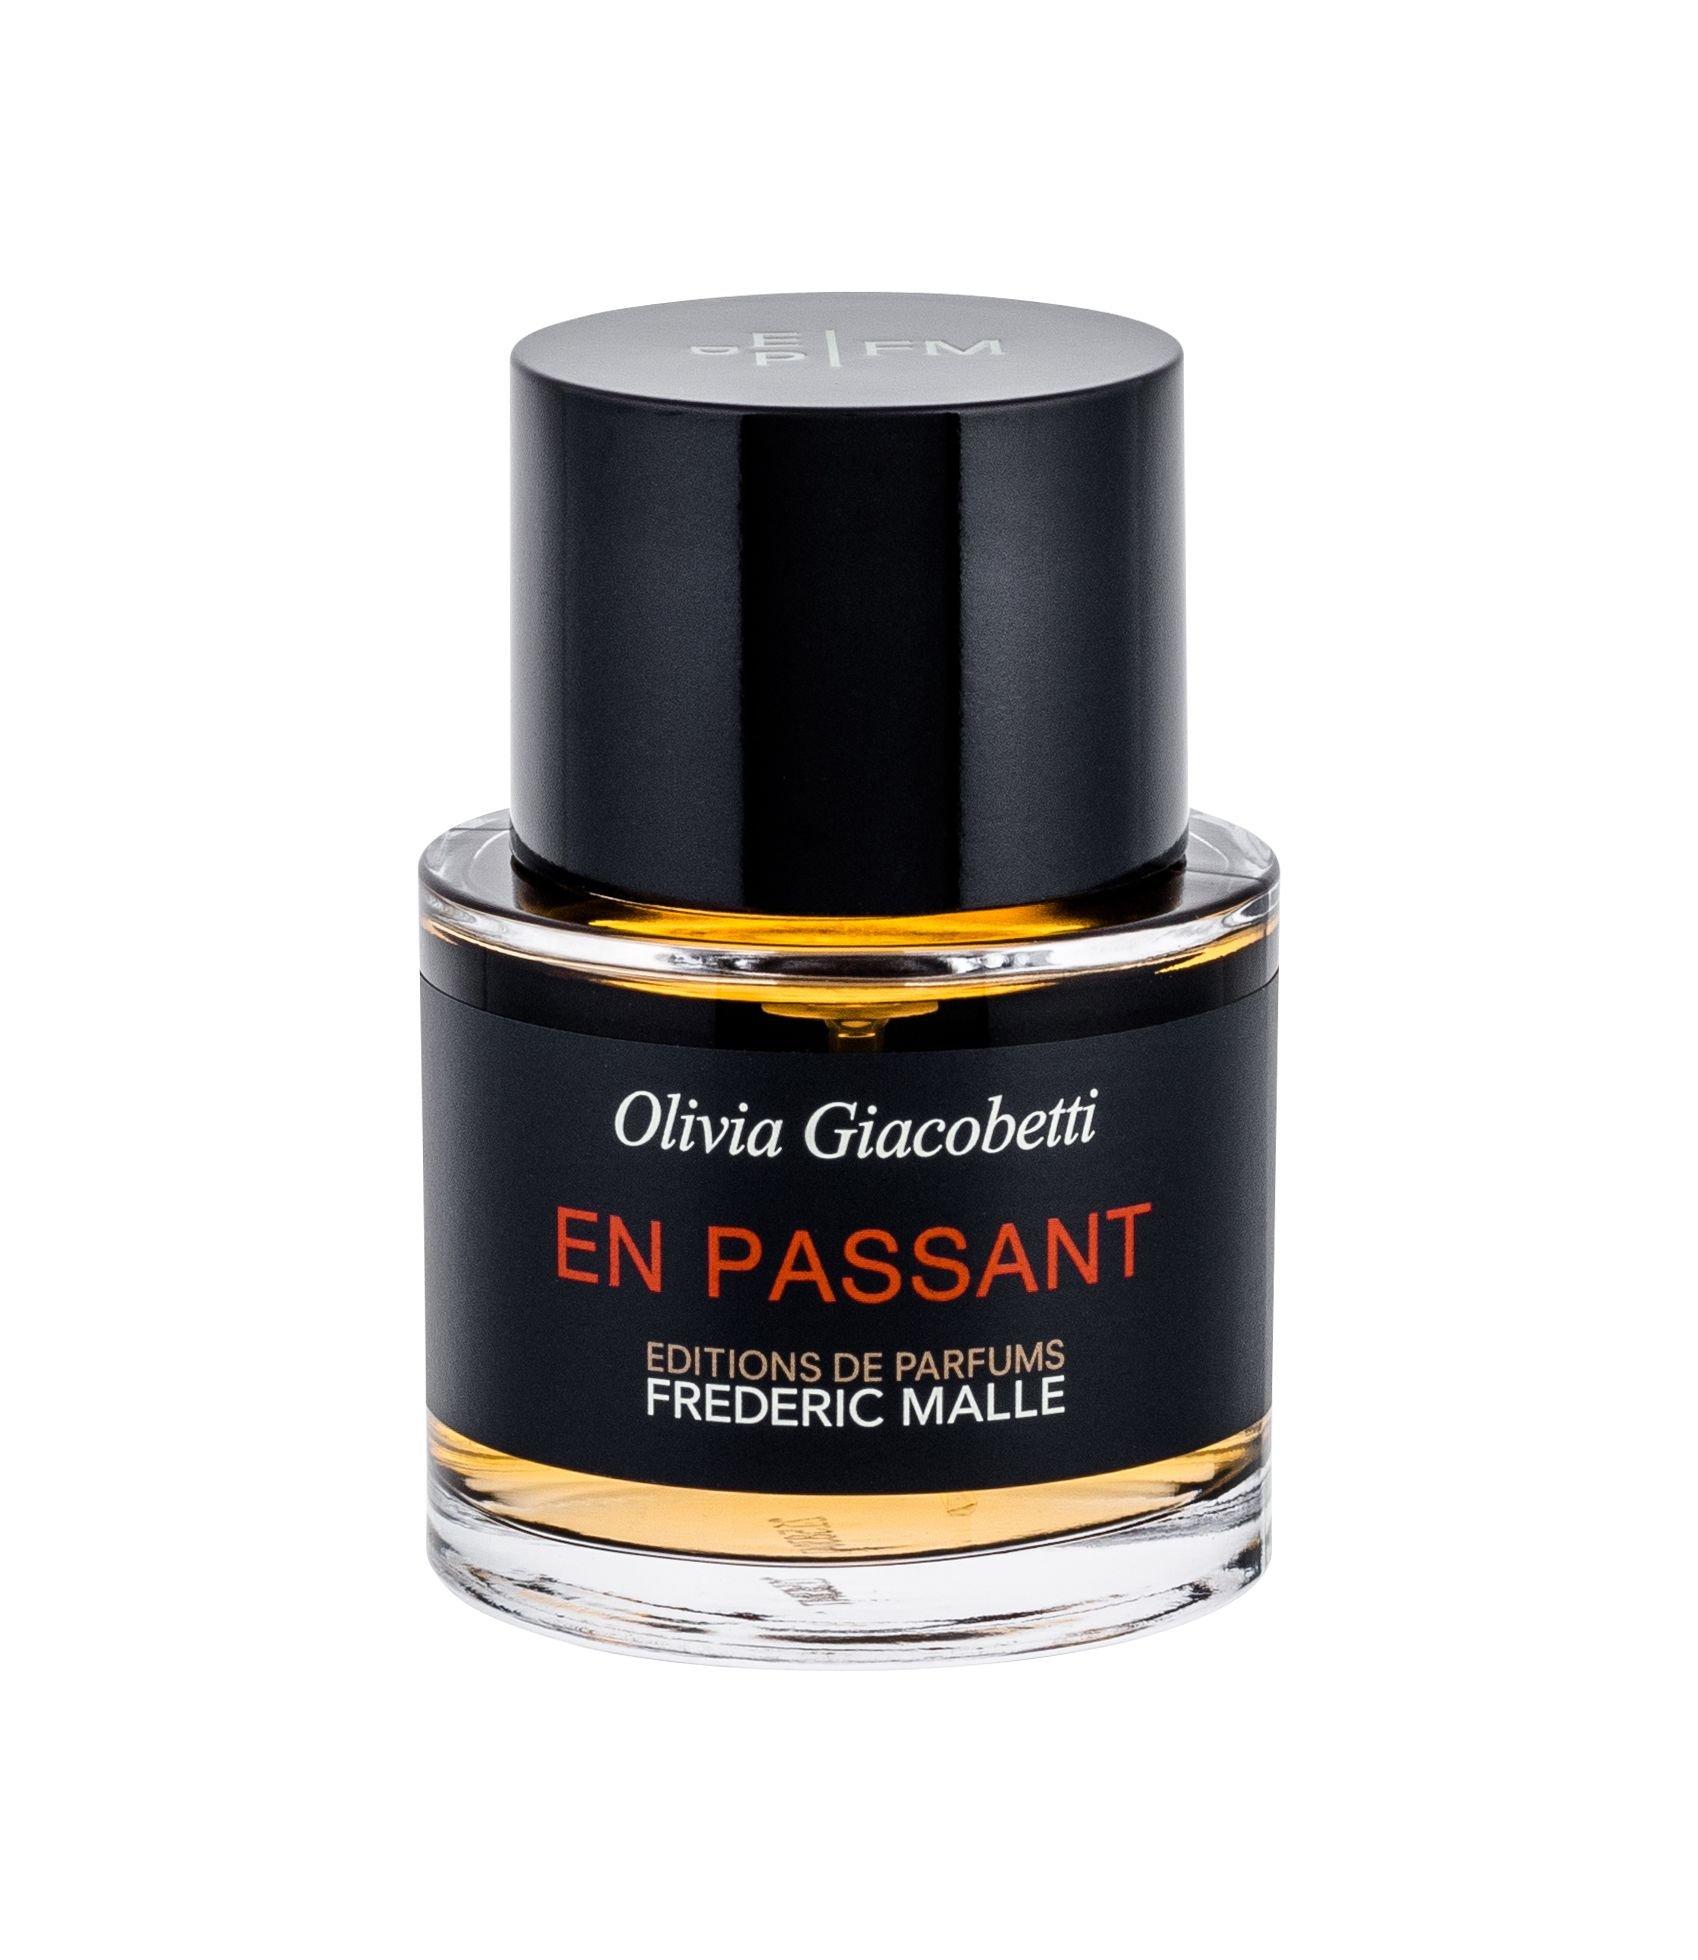 Frederic Malle En Passant Eau de Parfum 50ml